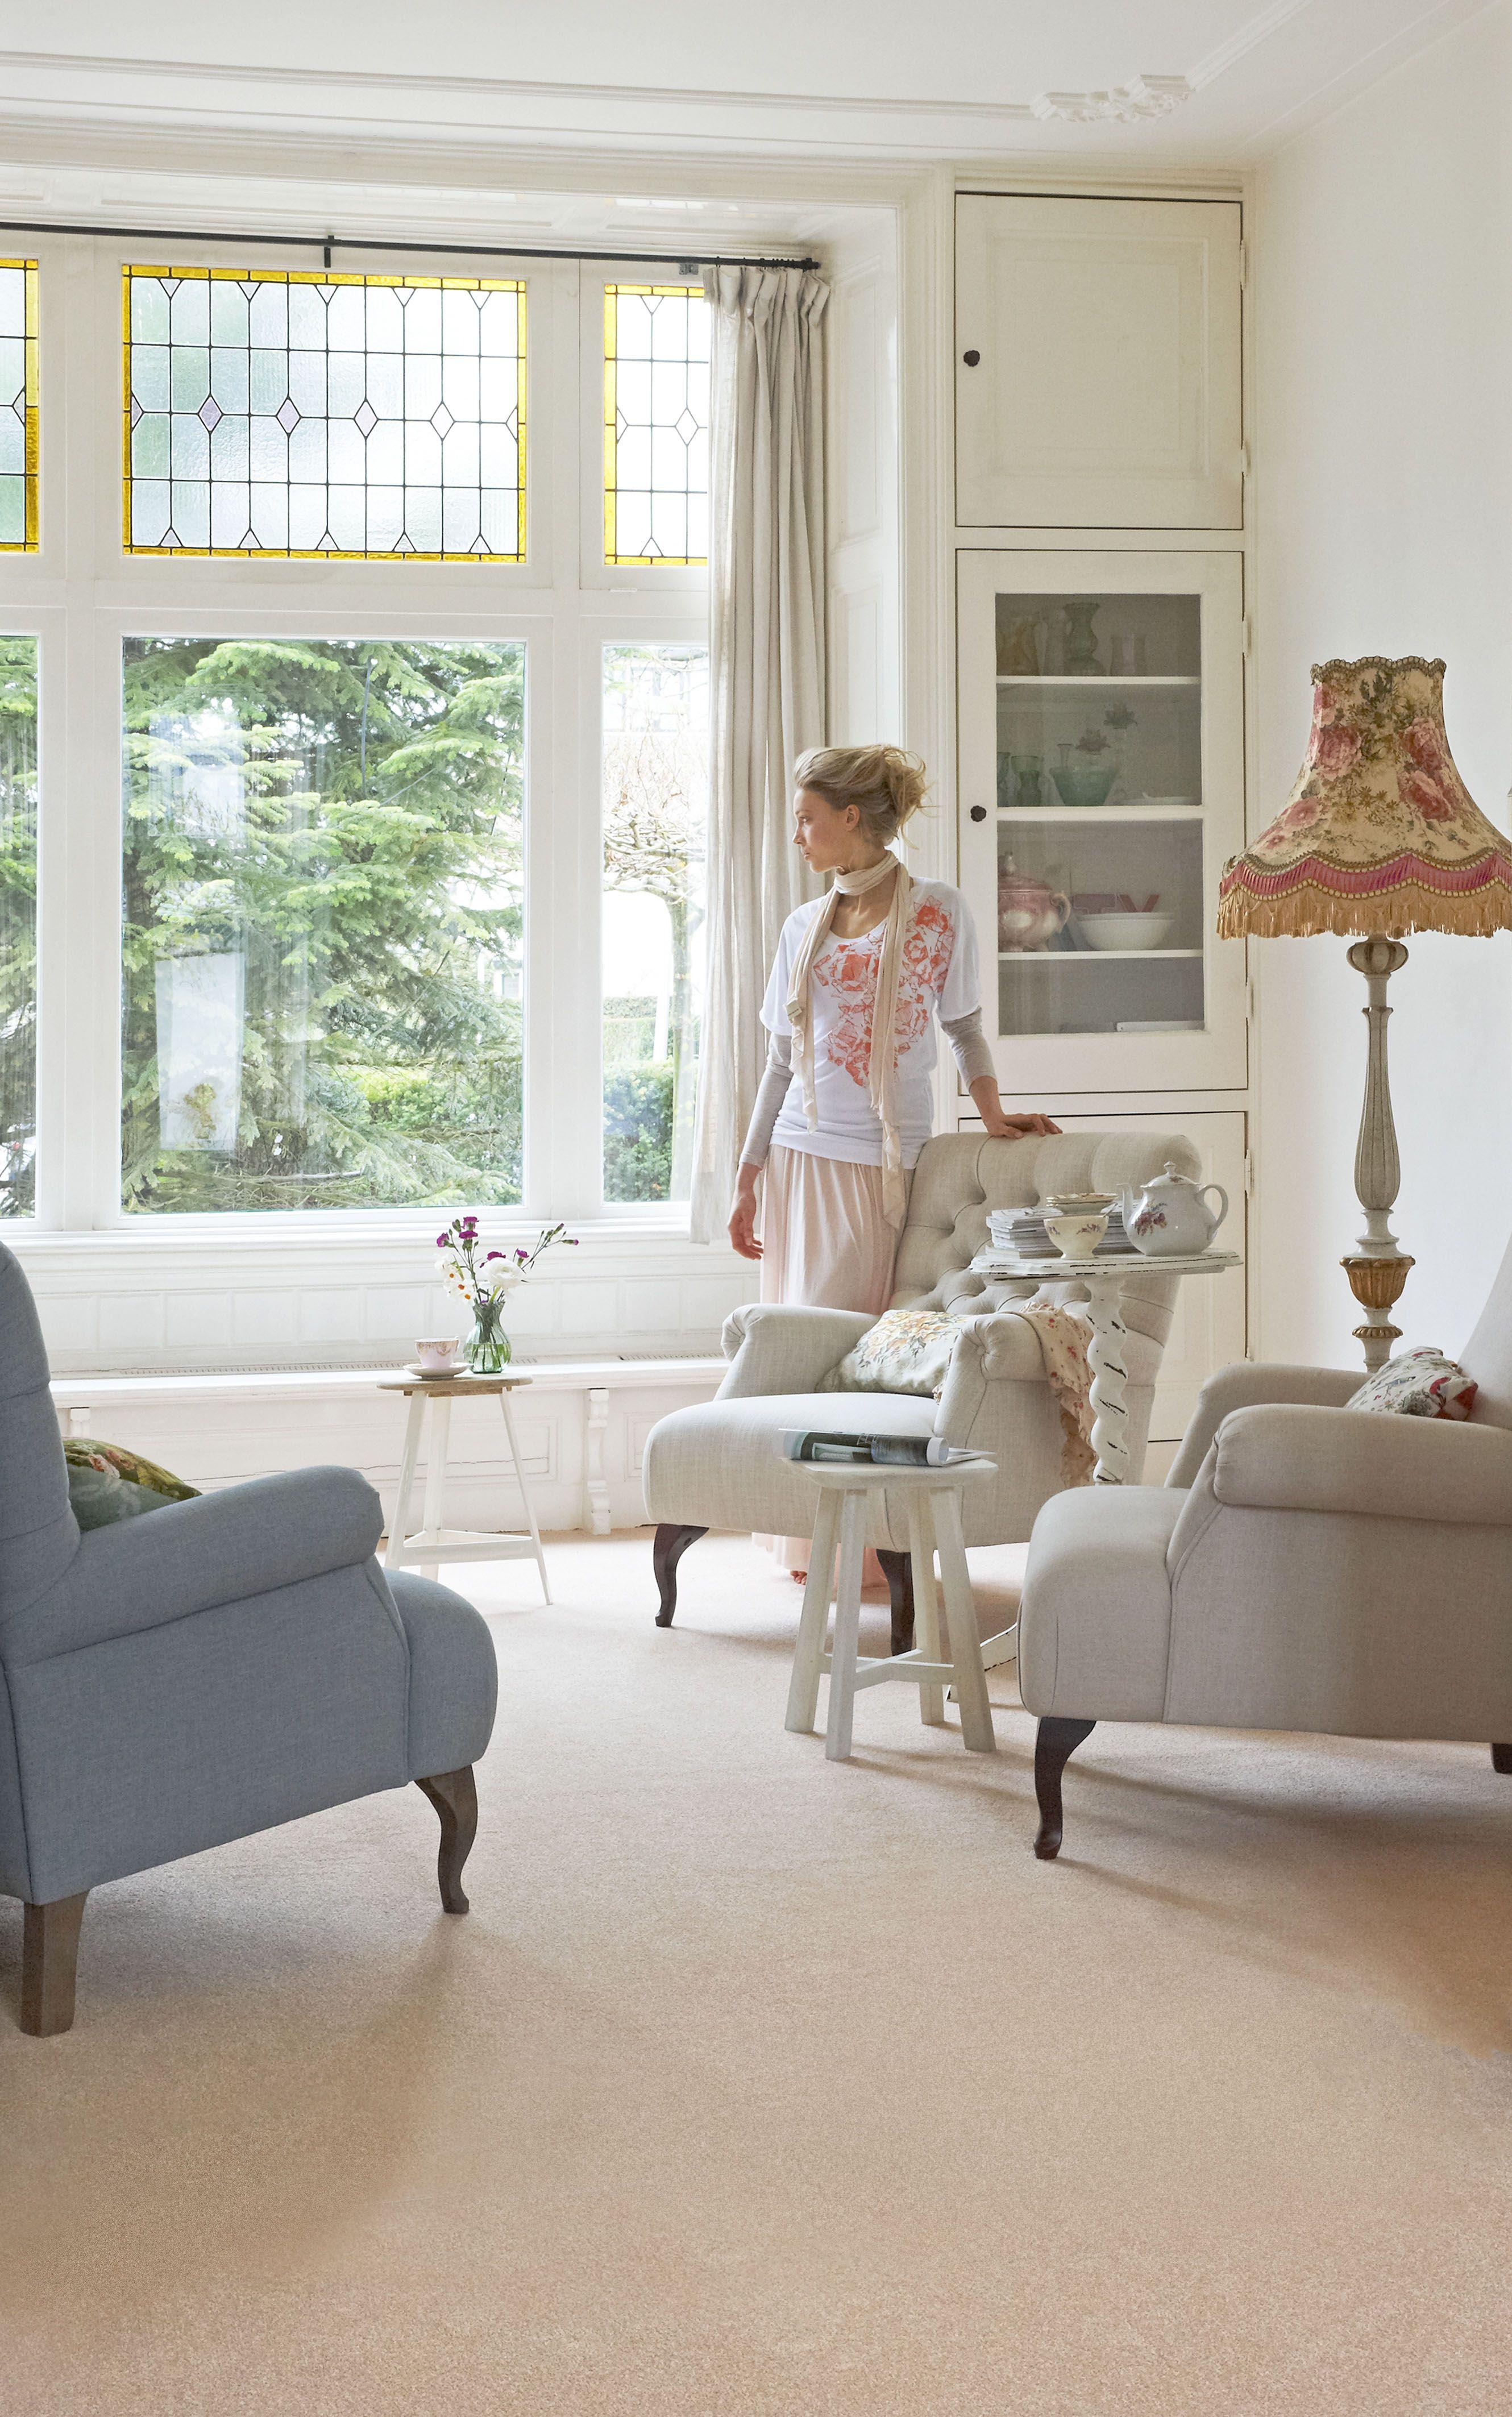 Klassieke inrichting woonkamer top modern en klassiek for Klassieke inrichting woonkamer